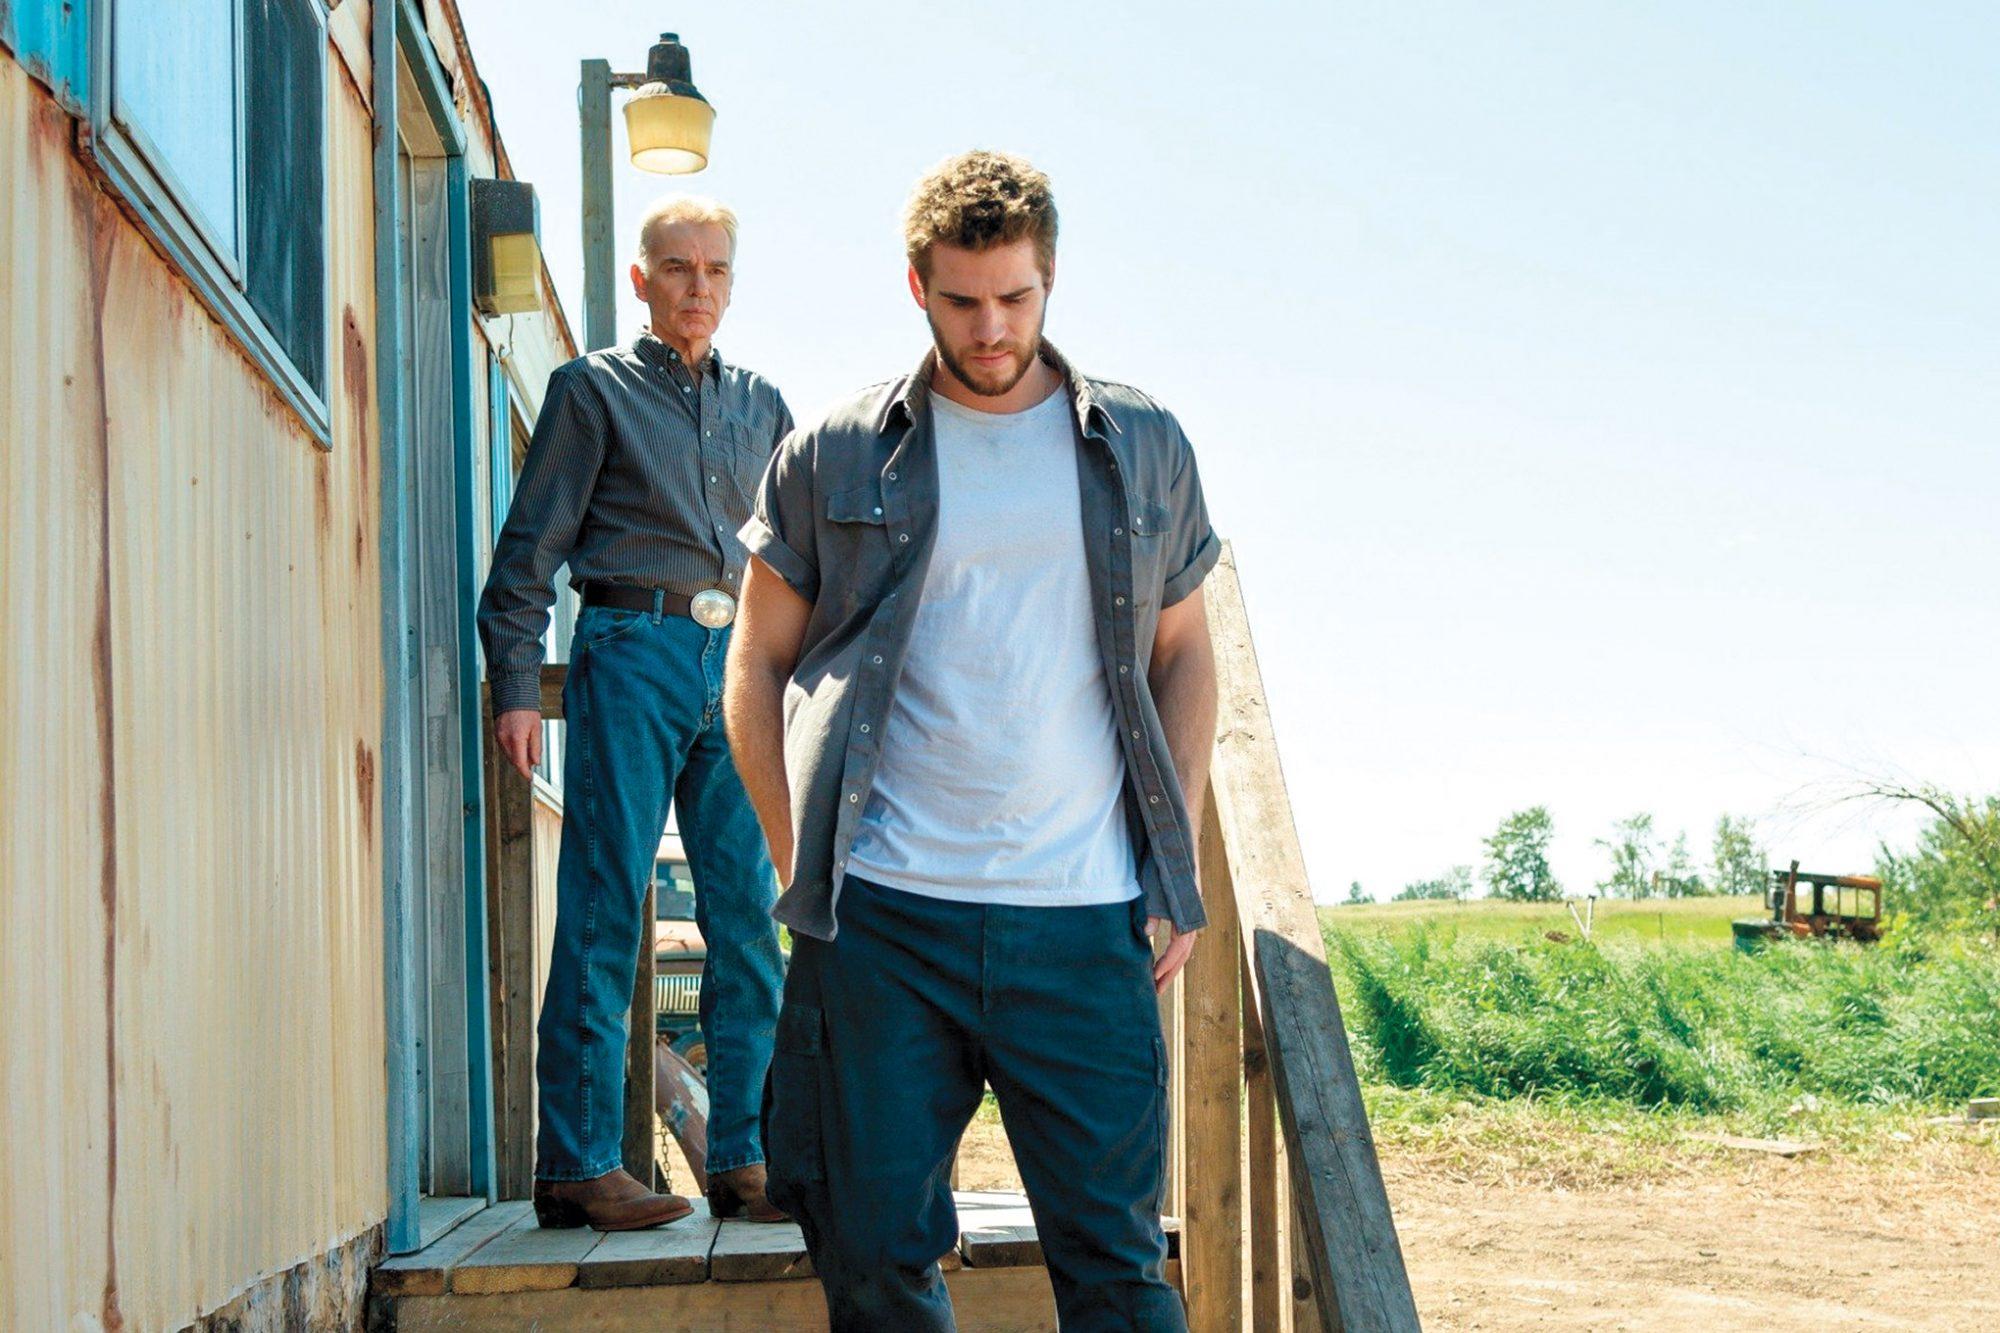 Billy Bob Thornton and Liam Hemsworth in Cut Bank